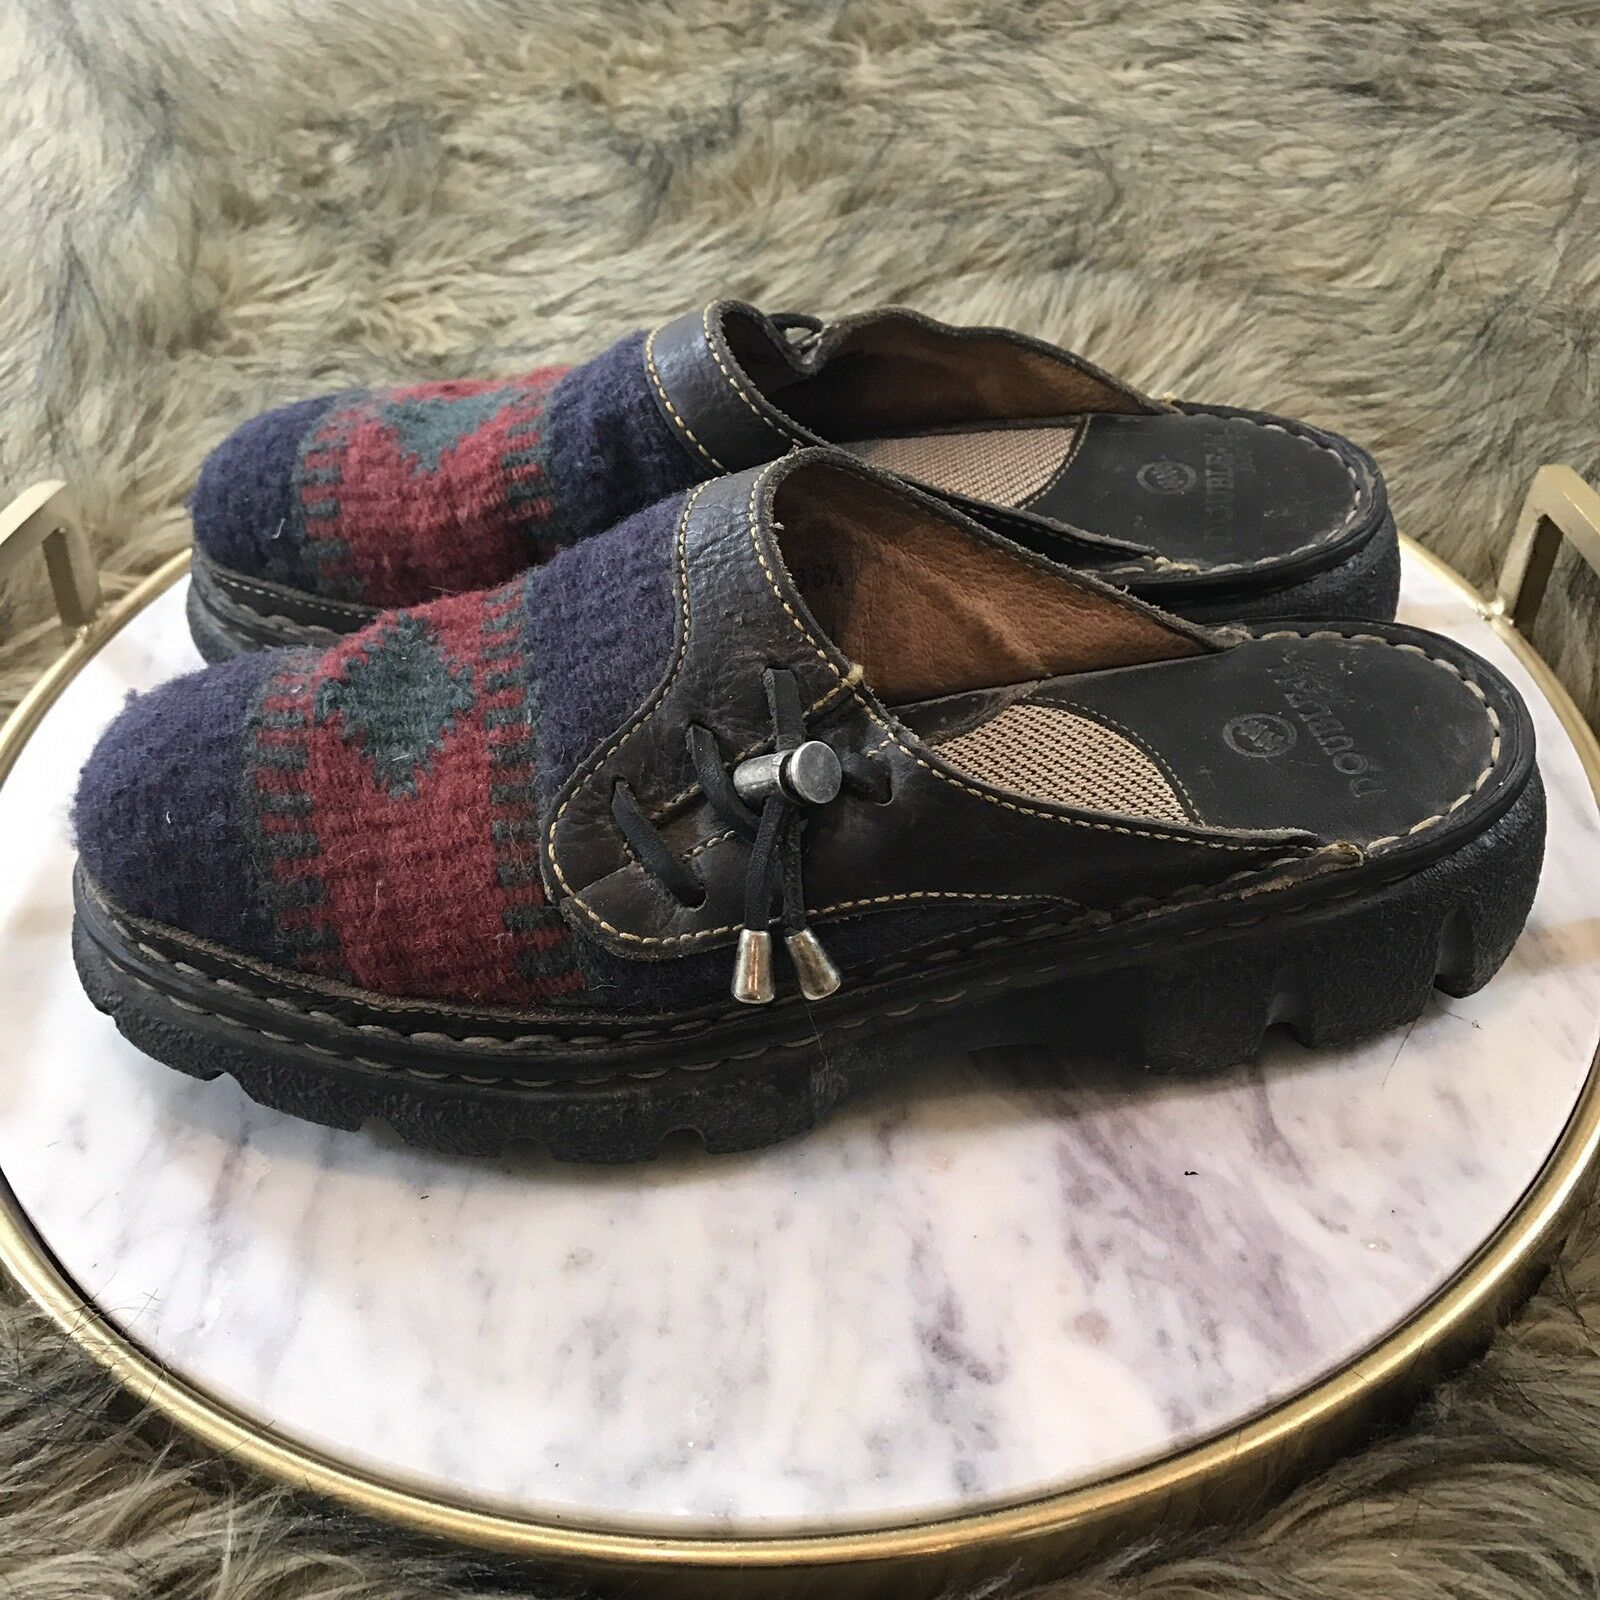 Double H Boots Wo. Sz 7.5 M Leather & Multi color Southwest Comfort Mules Clogs